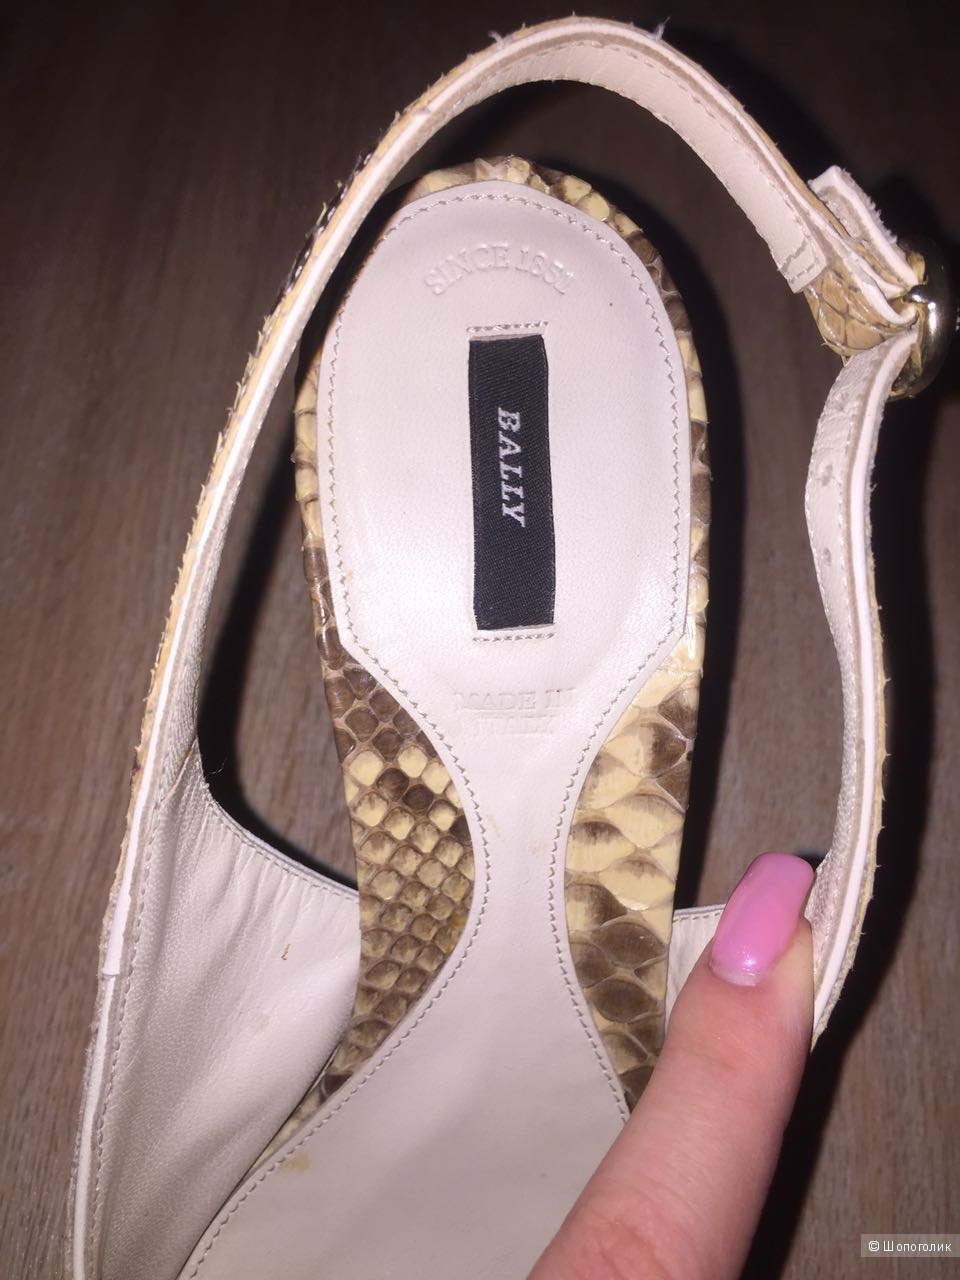 Туфли Bally на невысоком каблуке из змеиной кожи, размер 38,5-39